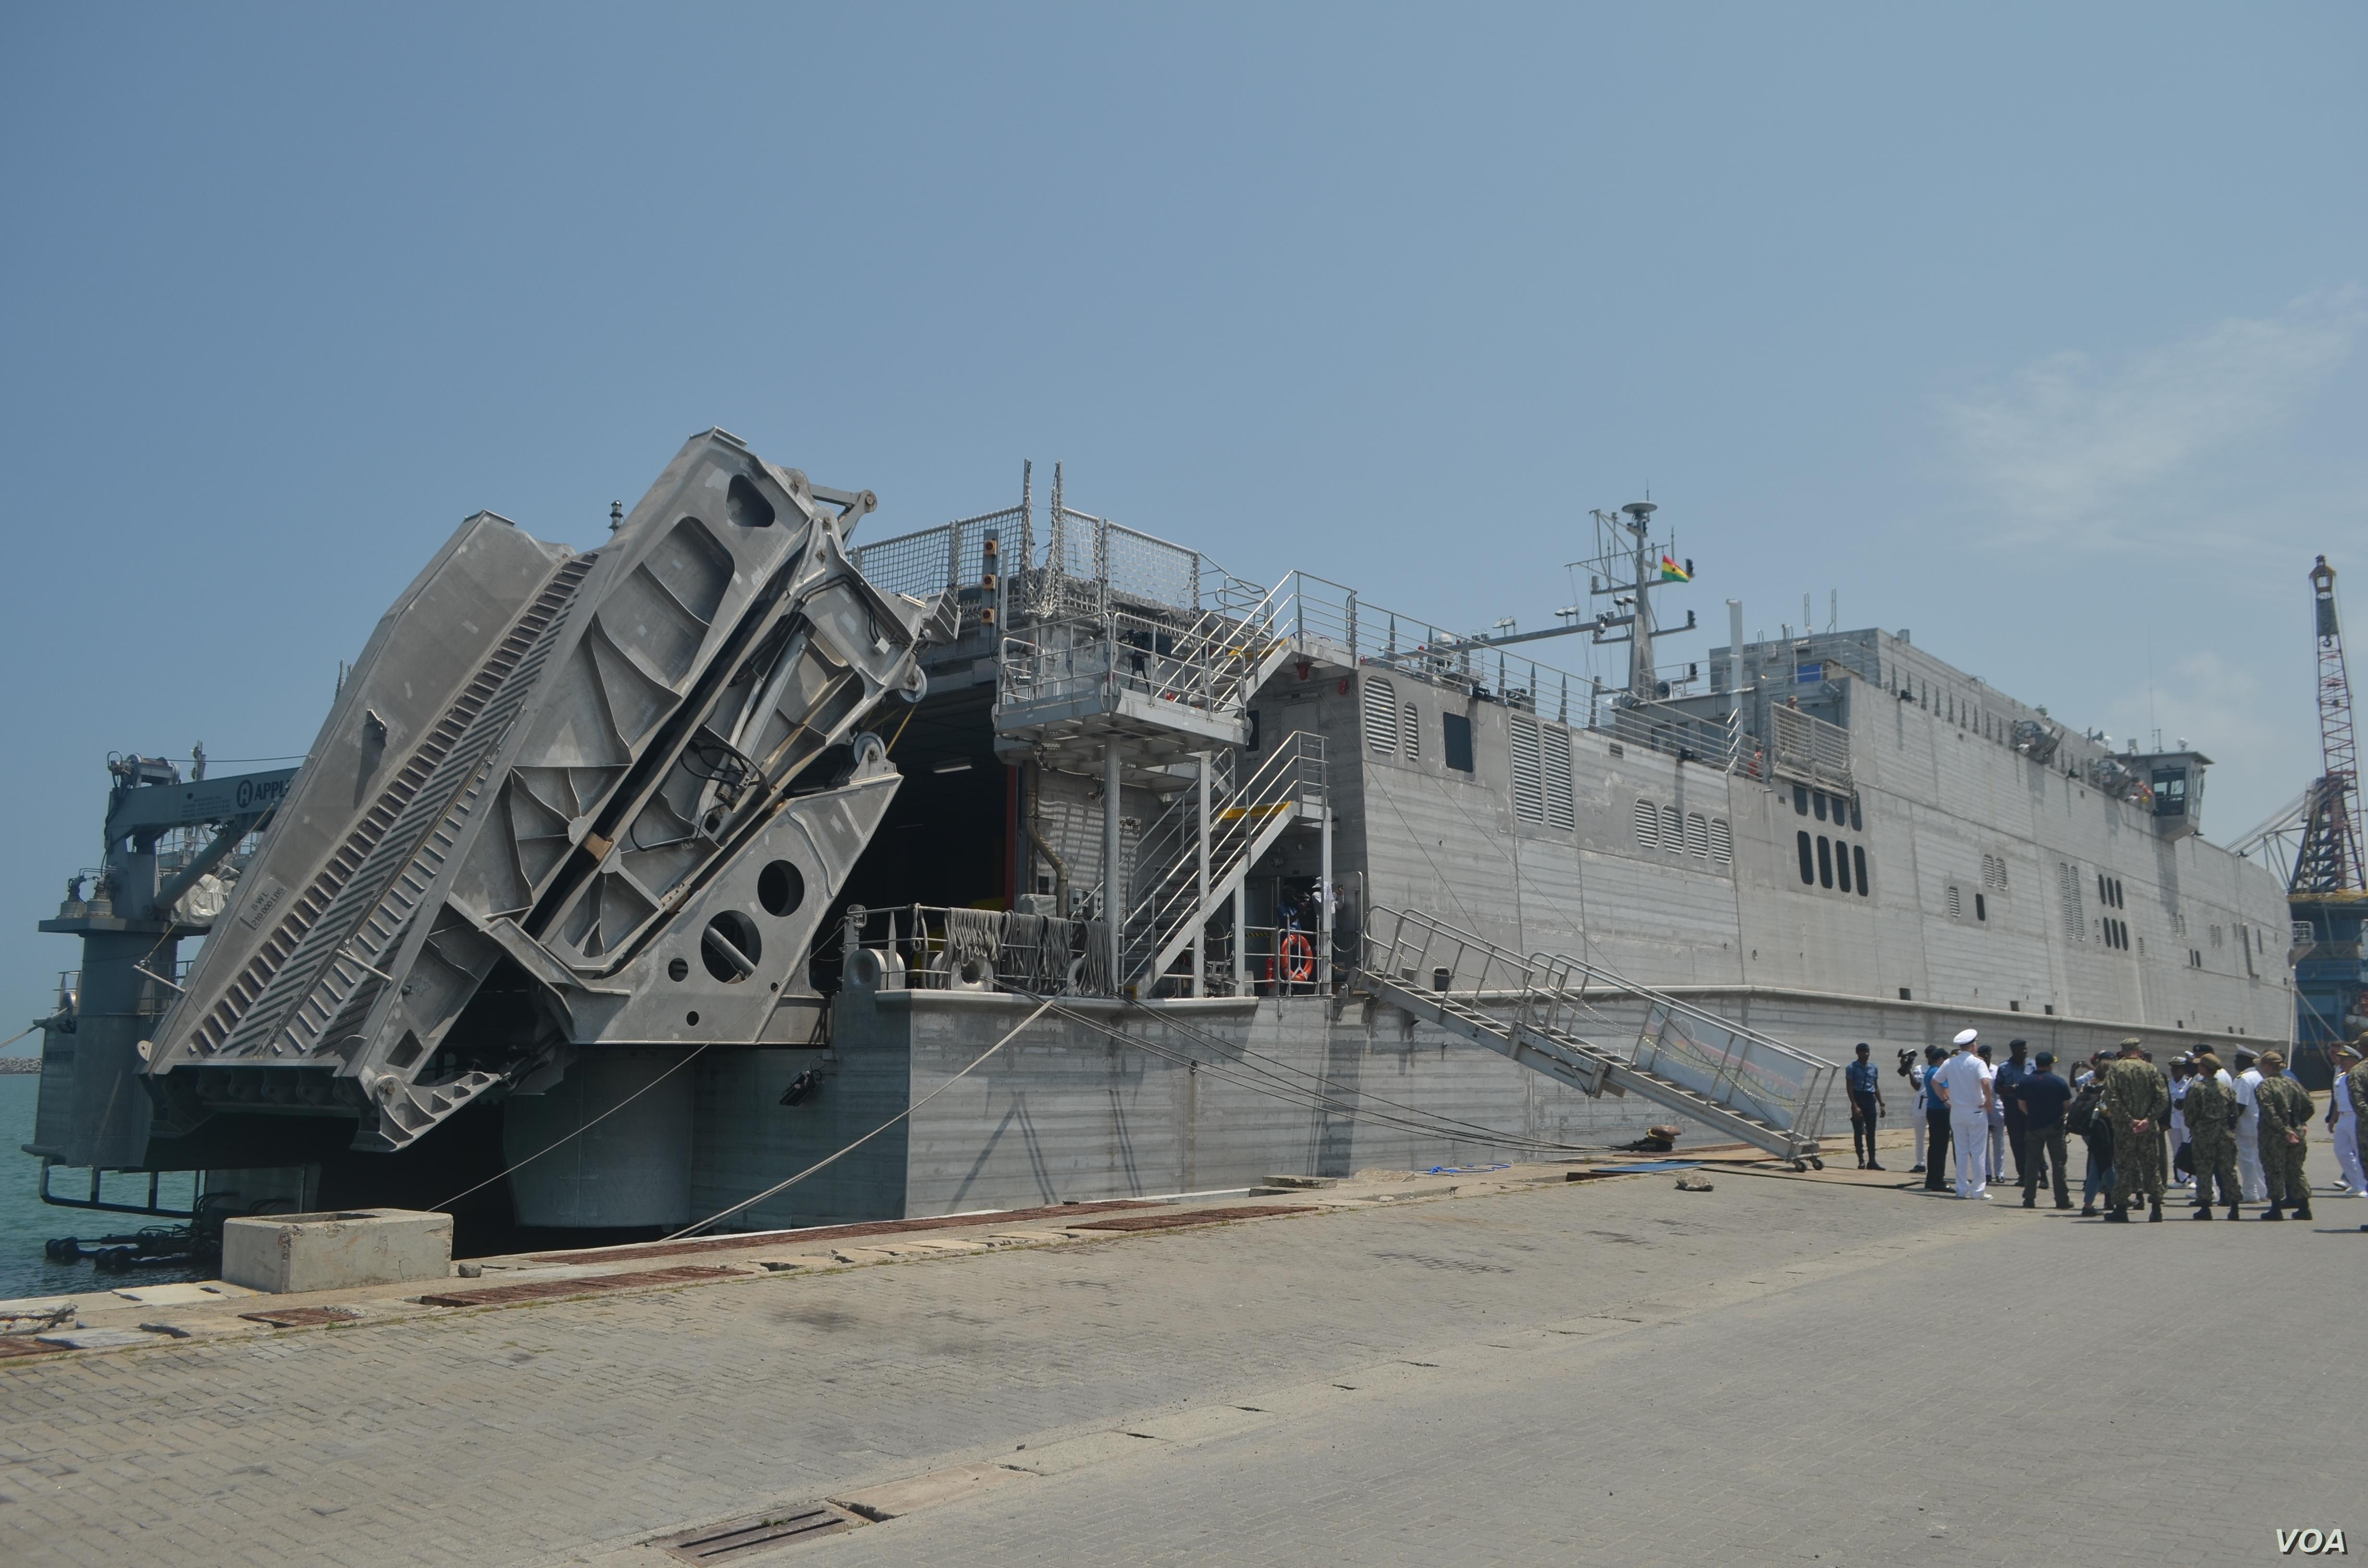 The USNS Carson City is seen in Ghana's Sekondi port. (Stacey Knott for VOA)